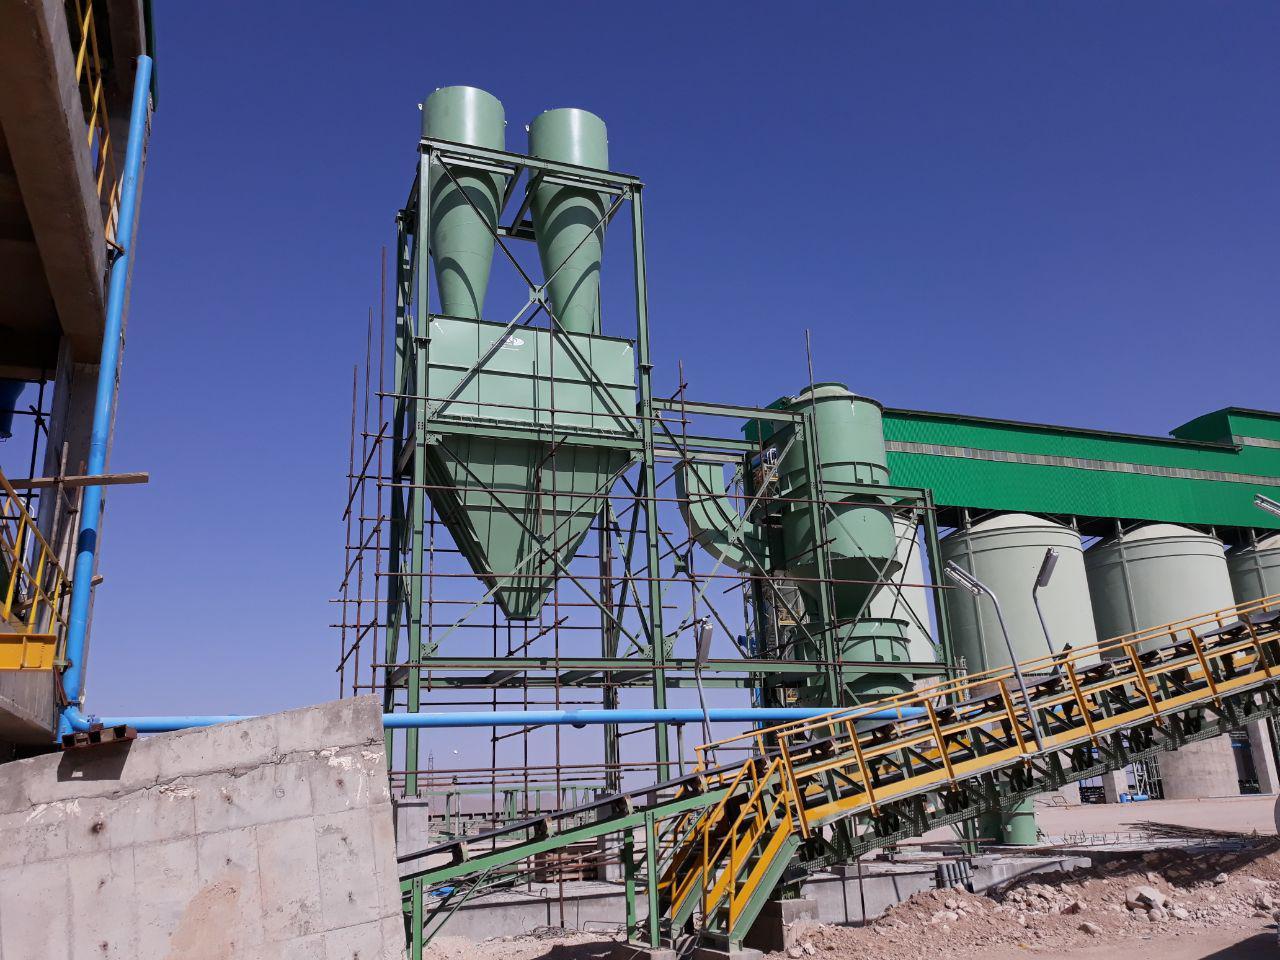 عملیات نصب اسکرابرو فن سانتریفوژ مربوط به غبارگیربخش Product مجتمع فولاد نی ریز